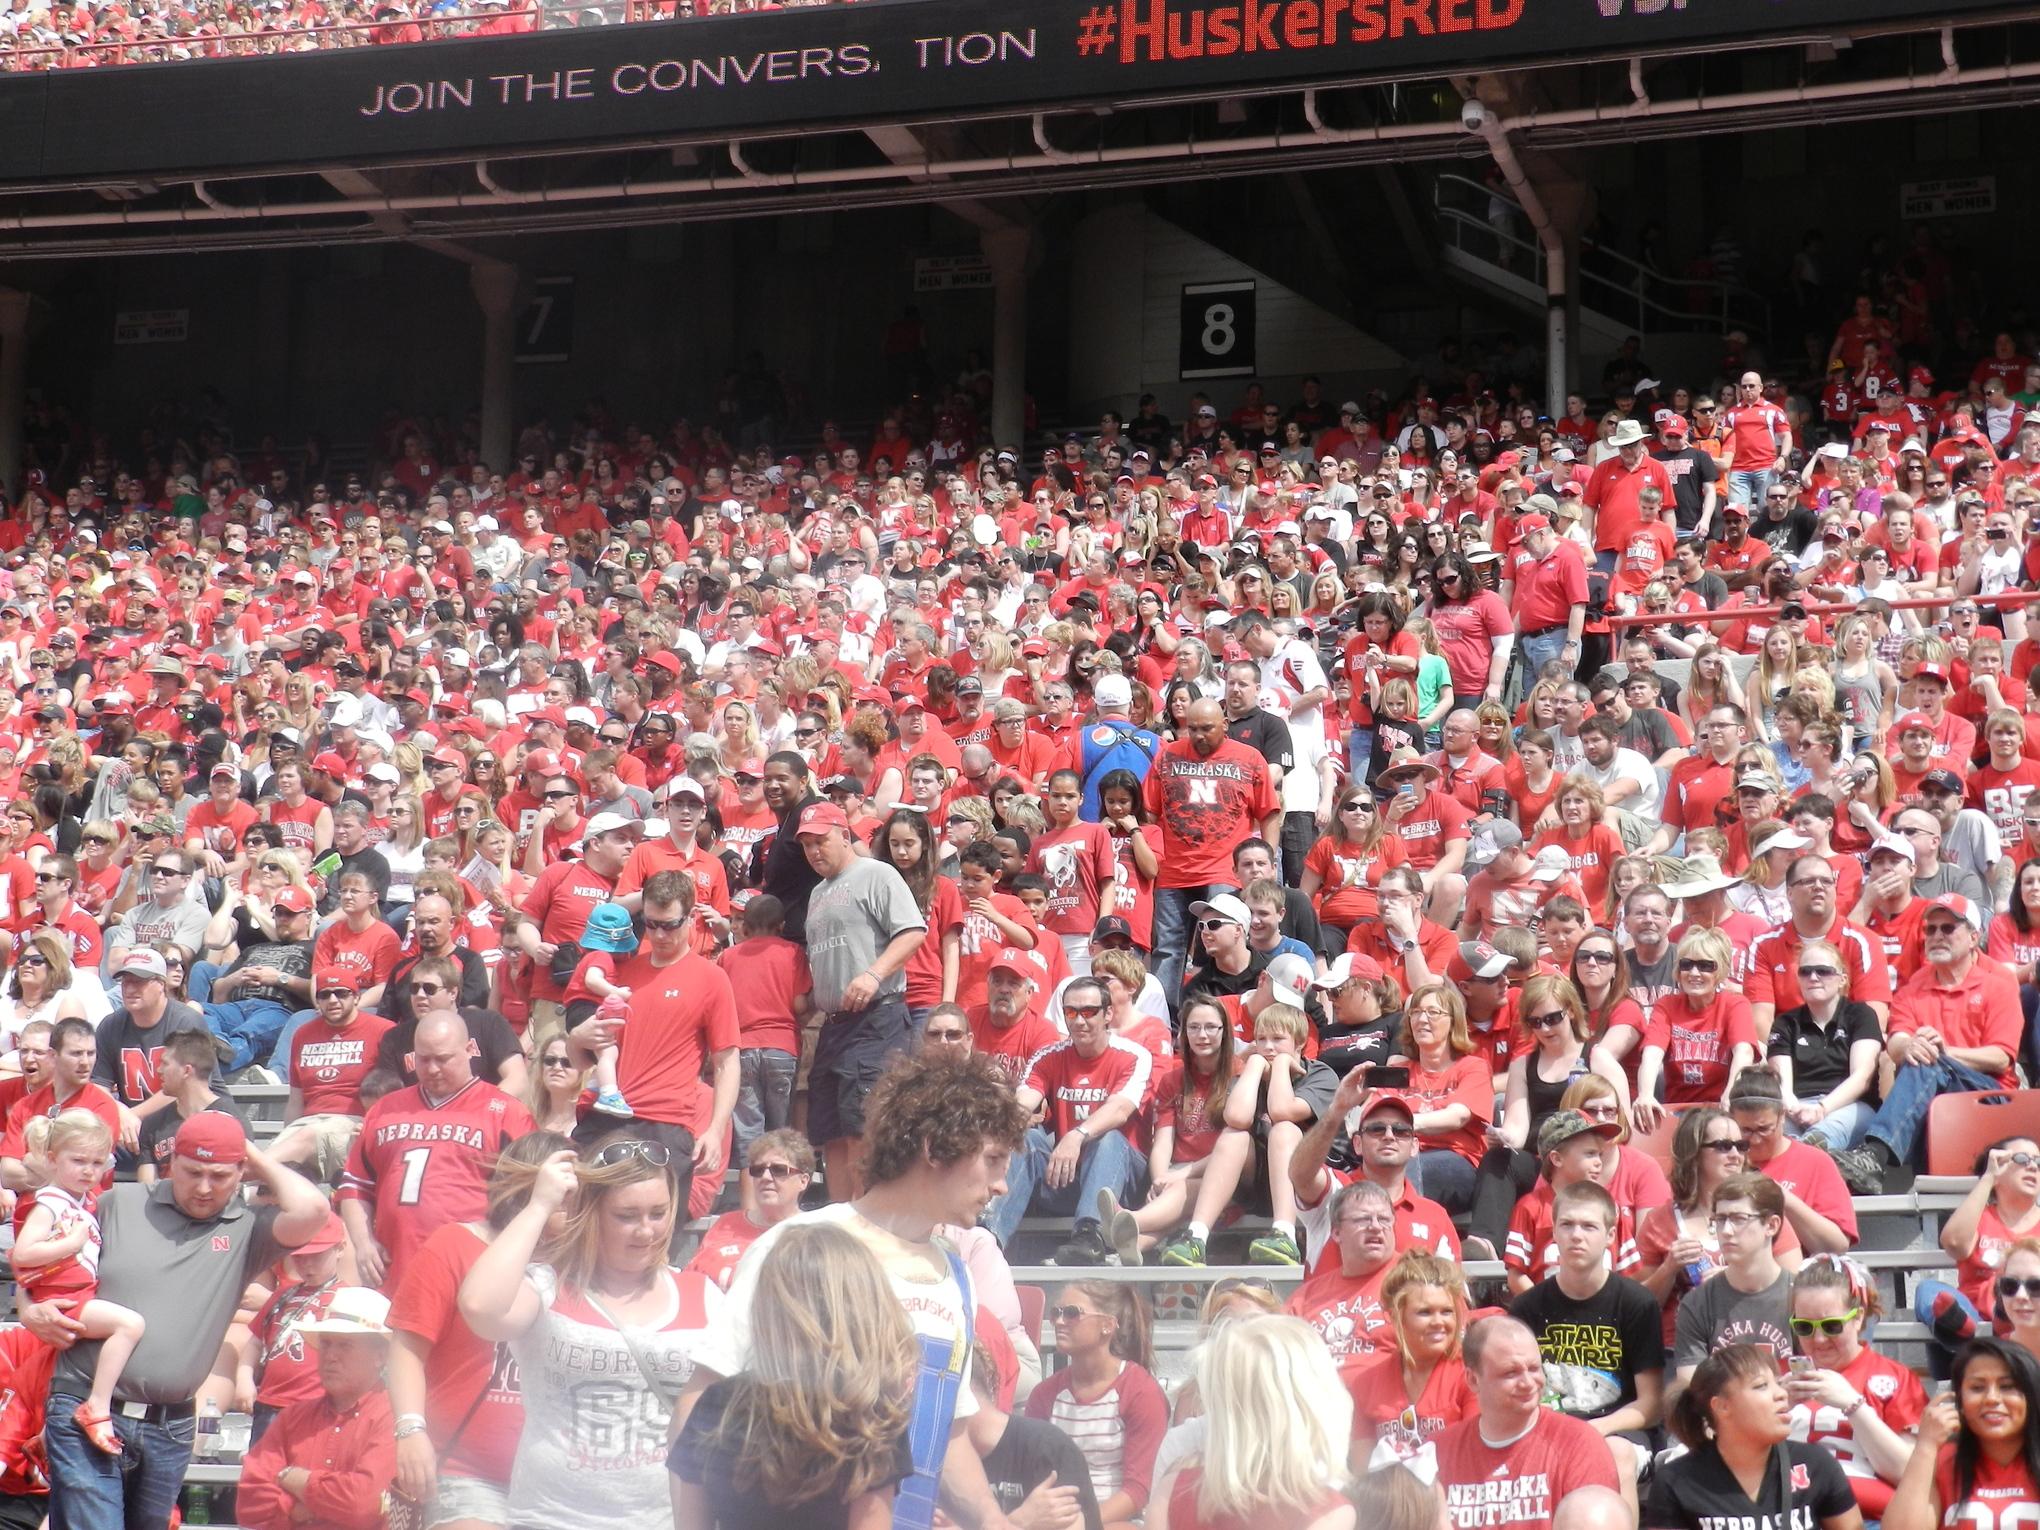 2014 Nebraska Football Fans